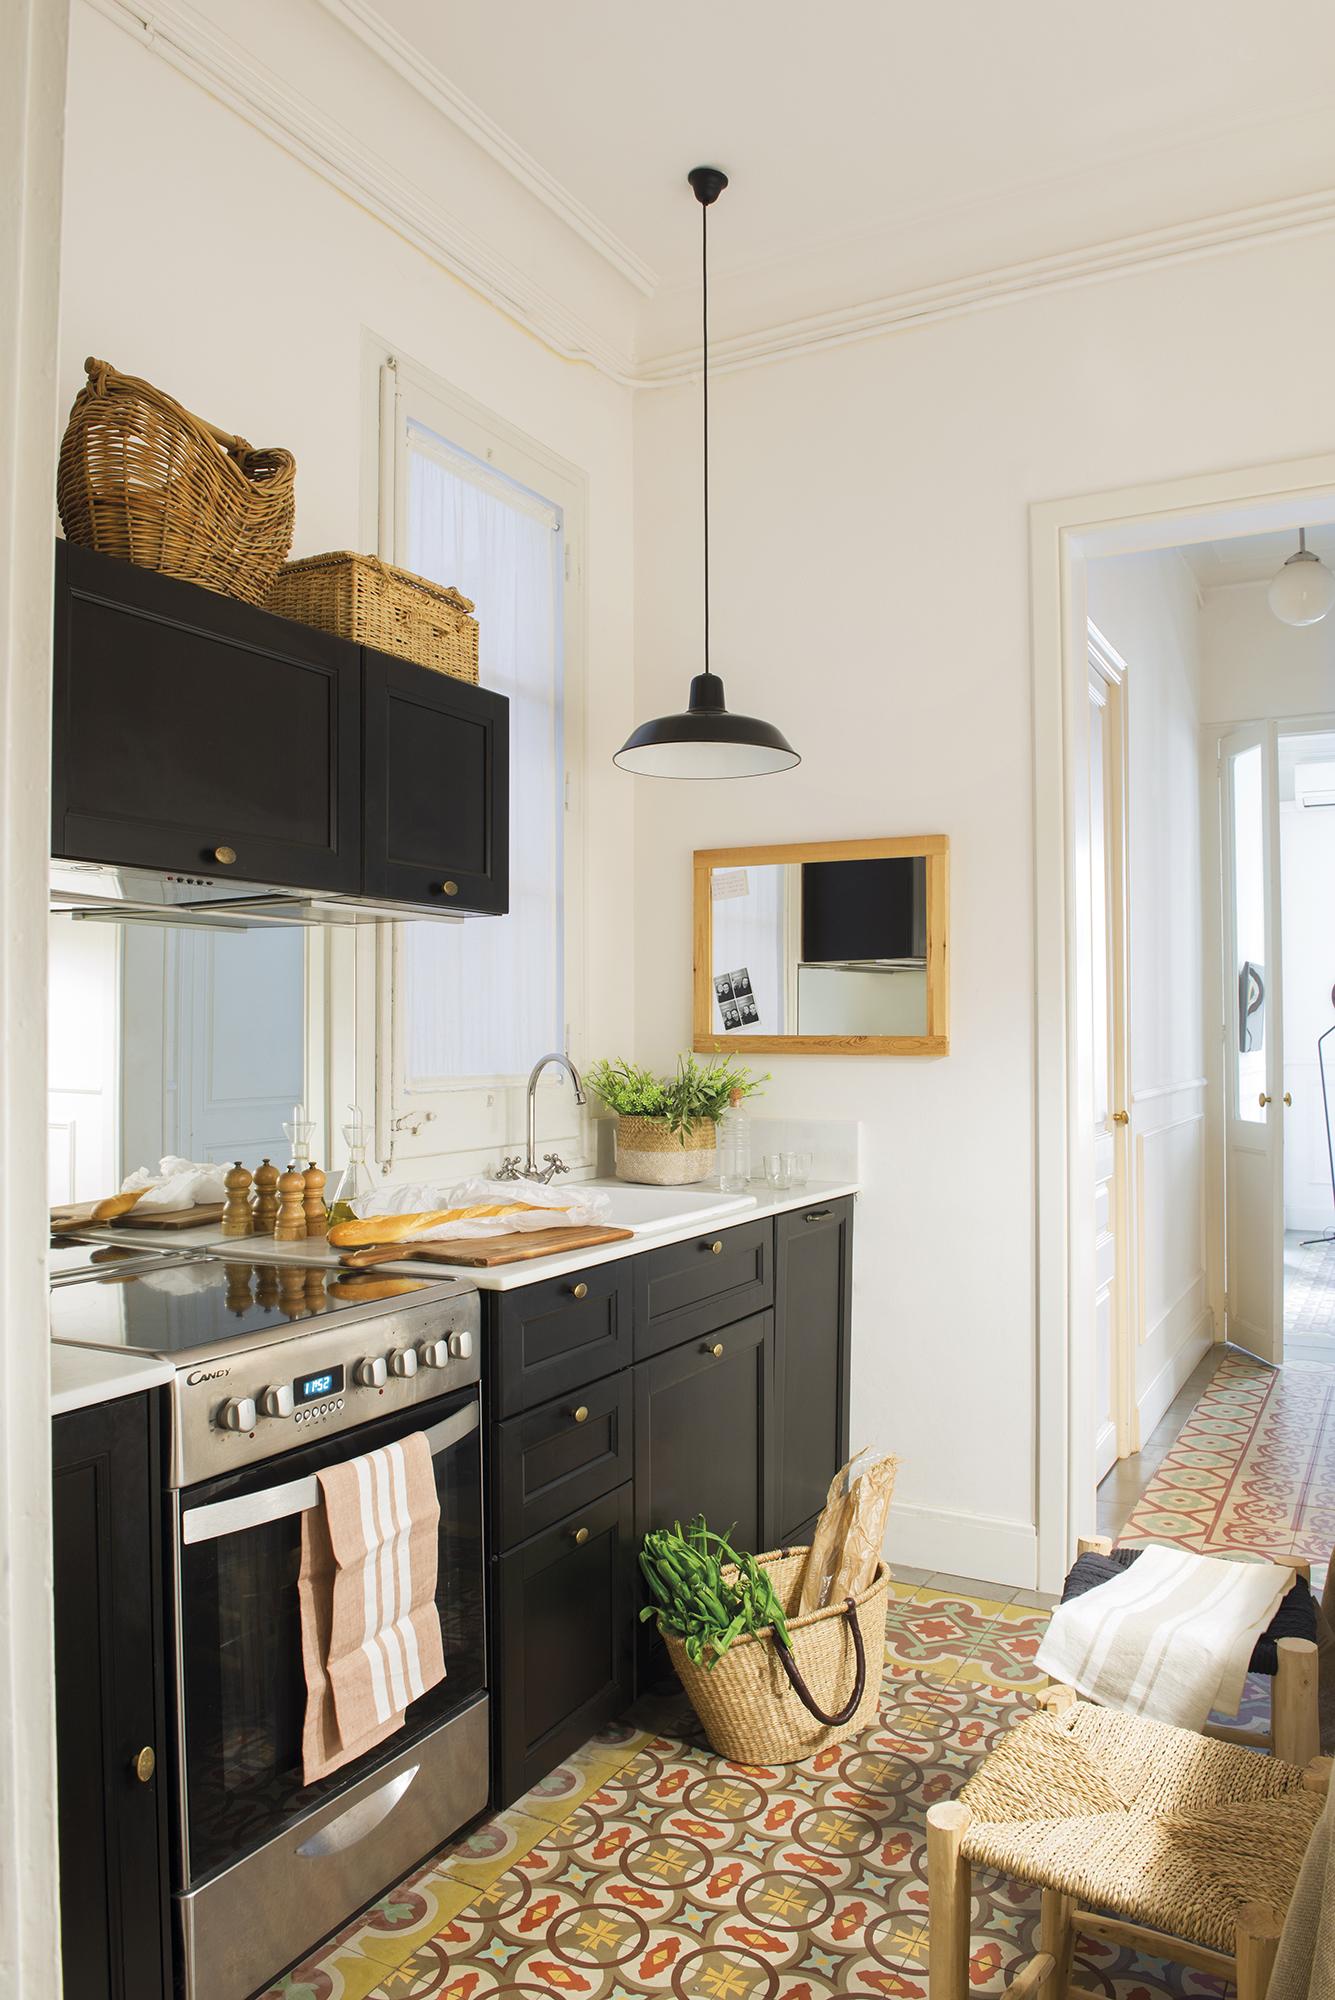 La cocina en la entrada fue la soluci n a esta casa peque a for Cocinas modernas para apartamentos